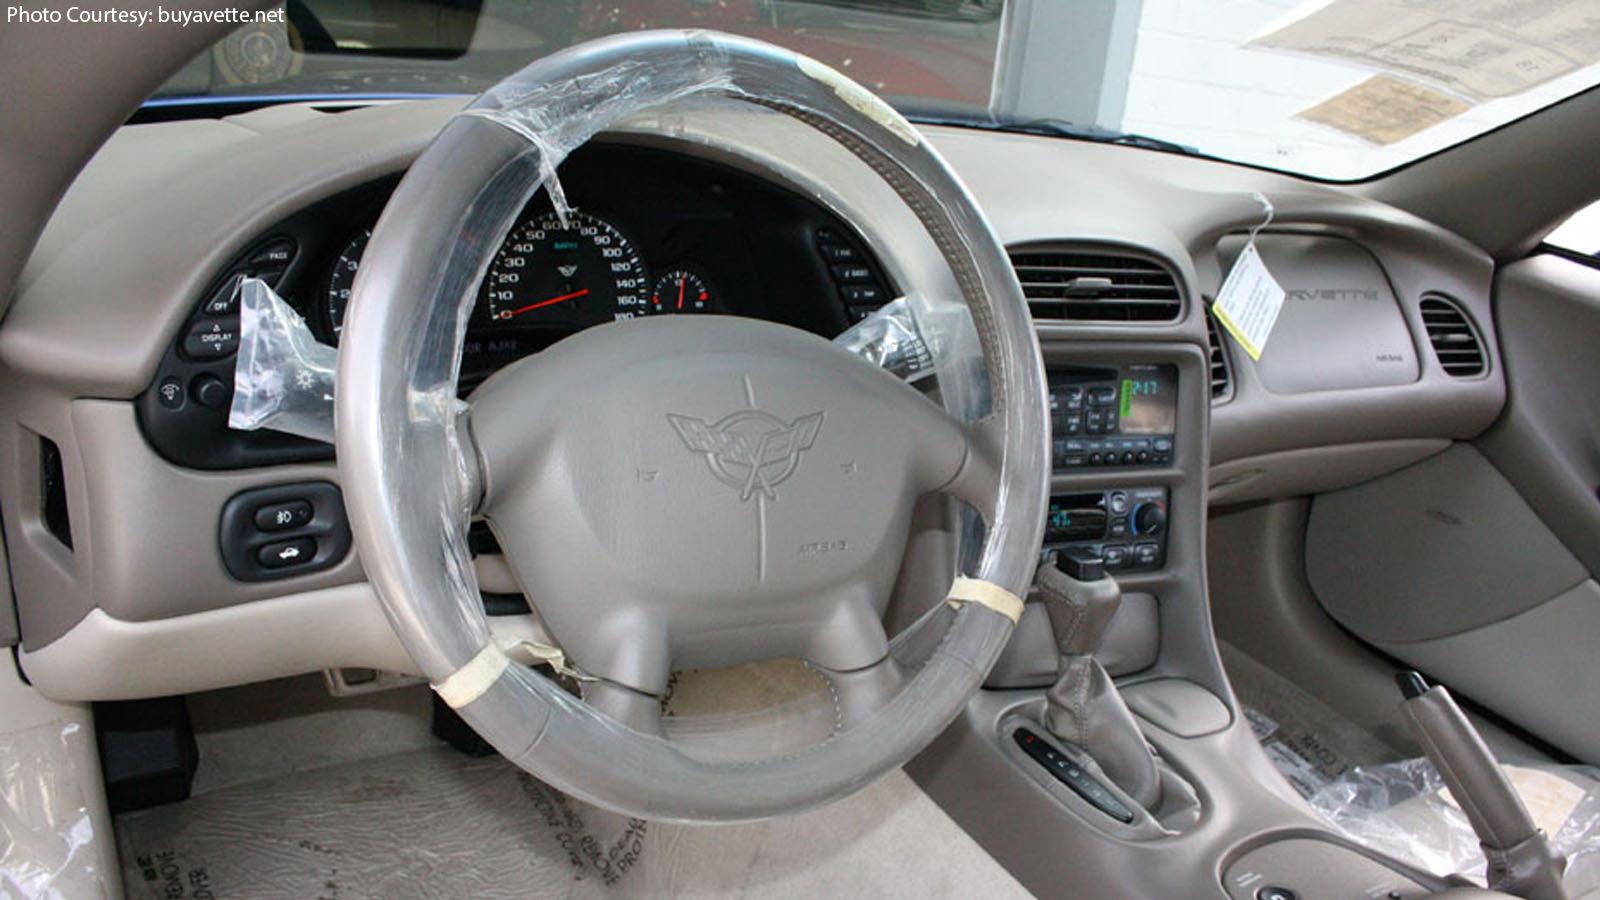 C5 Corvette, Last Production model